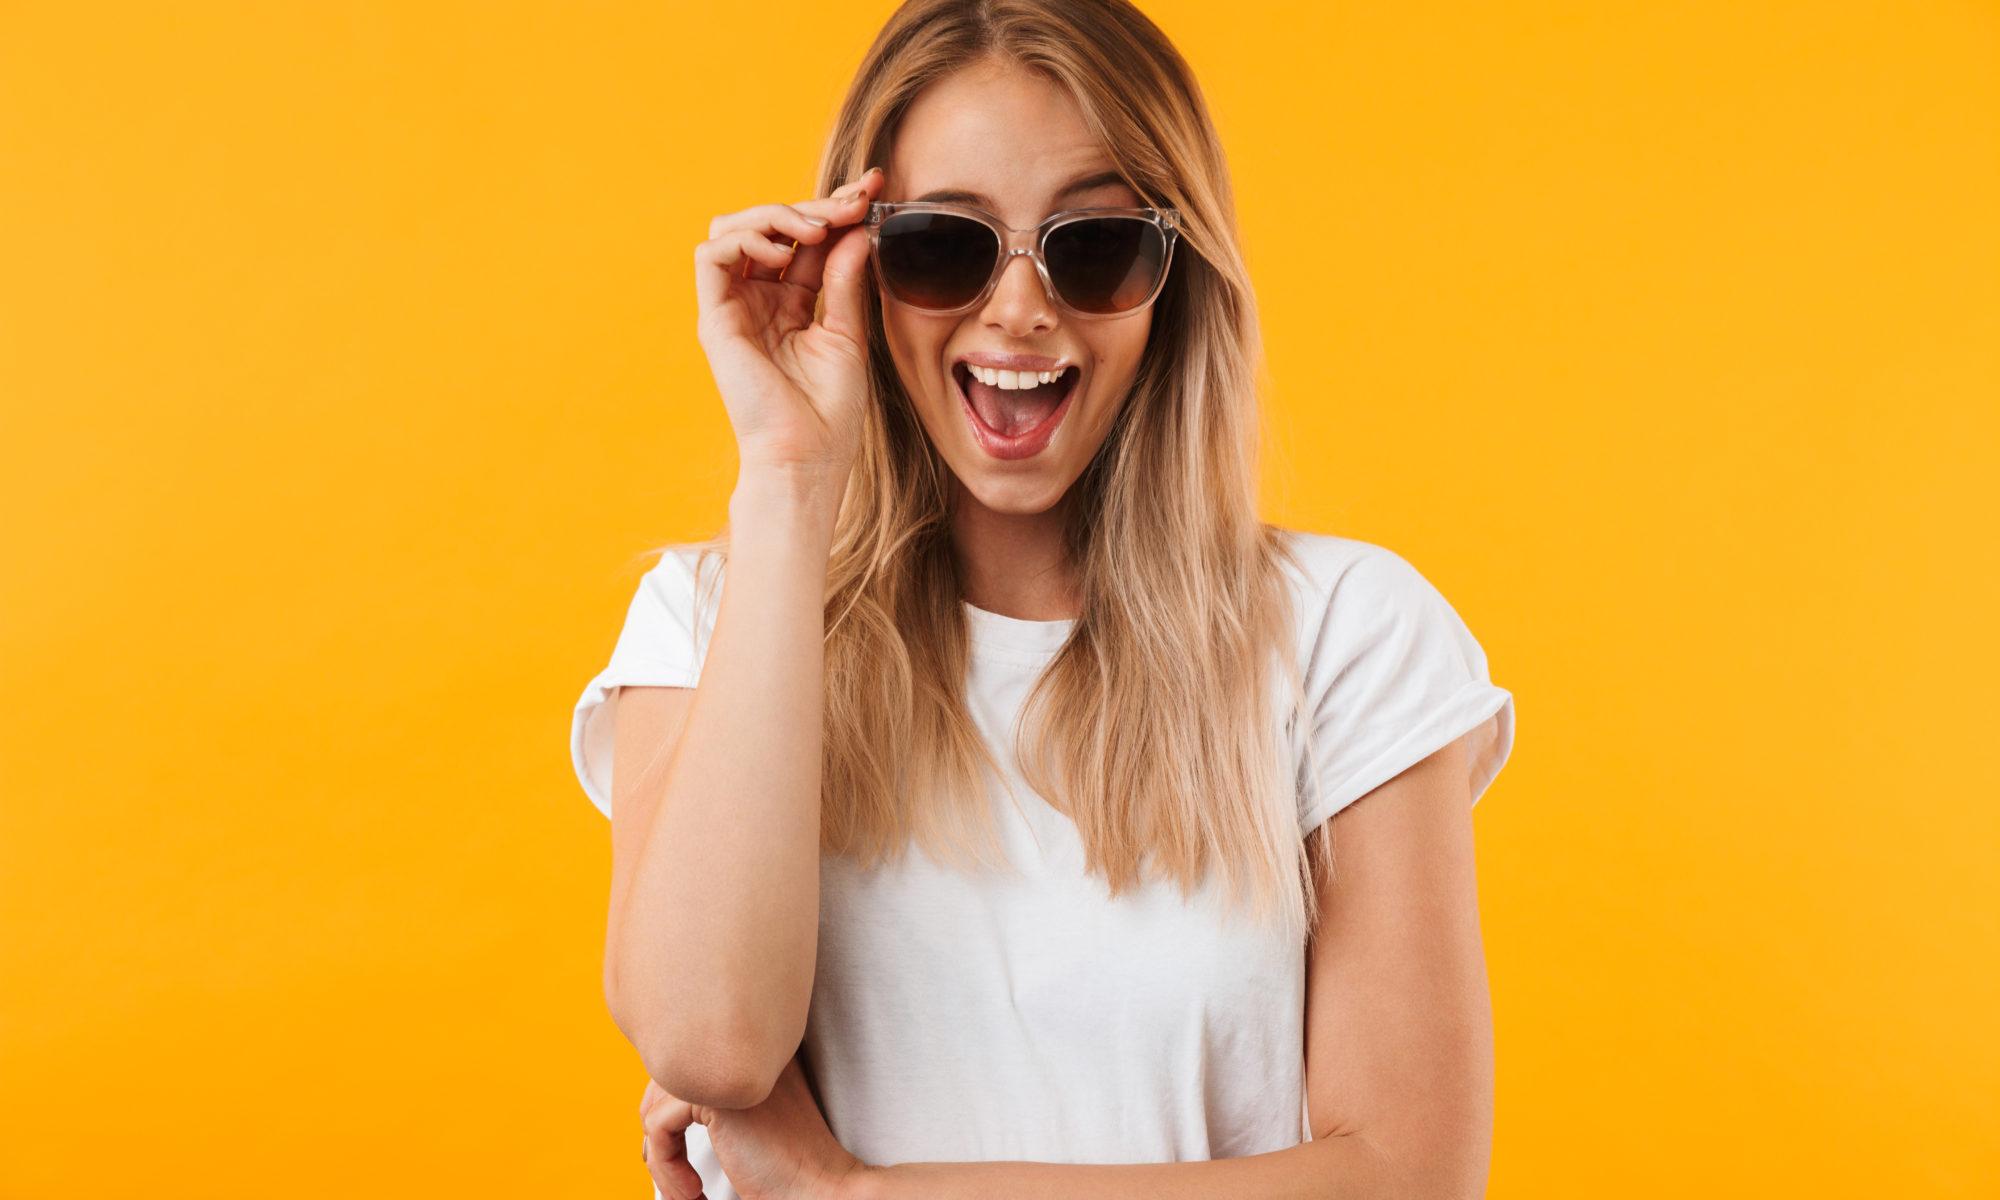 okulary fotochromowe u uśmiechniętej dziewczyny